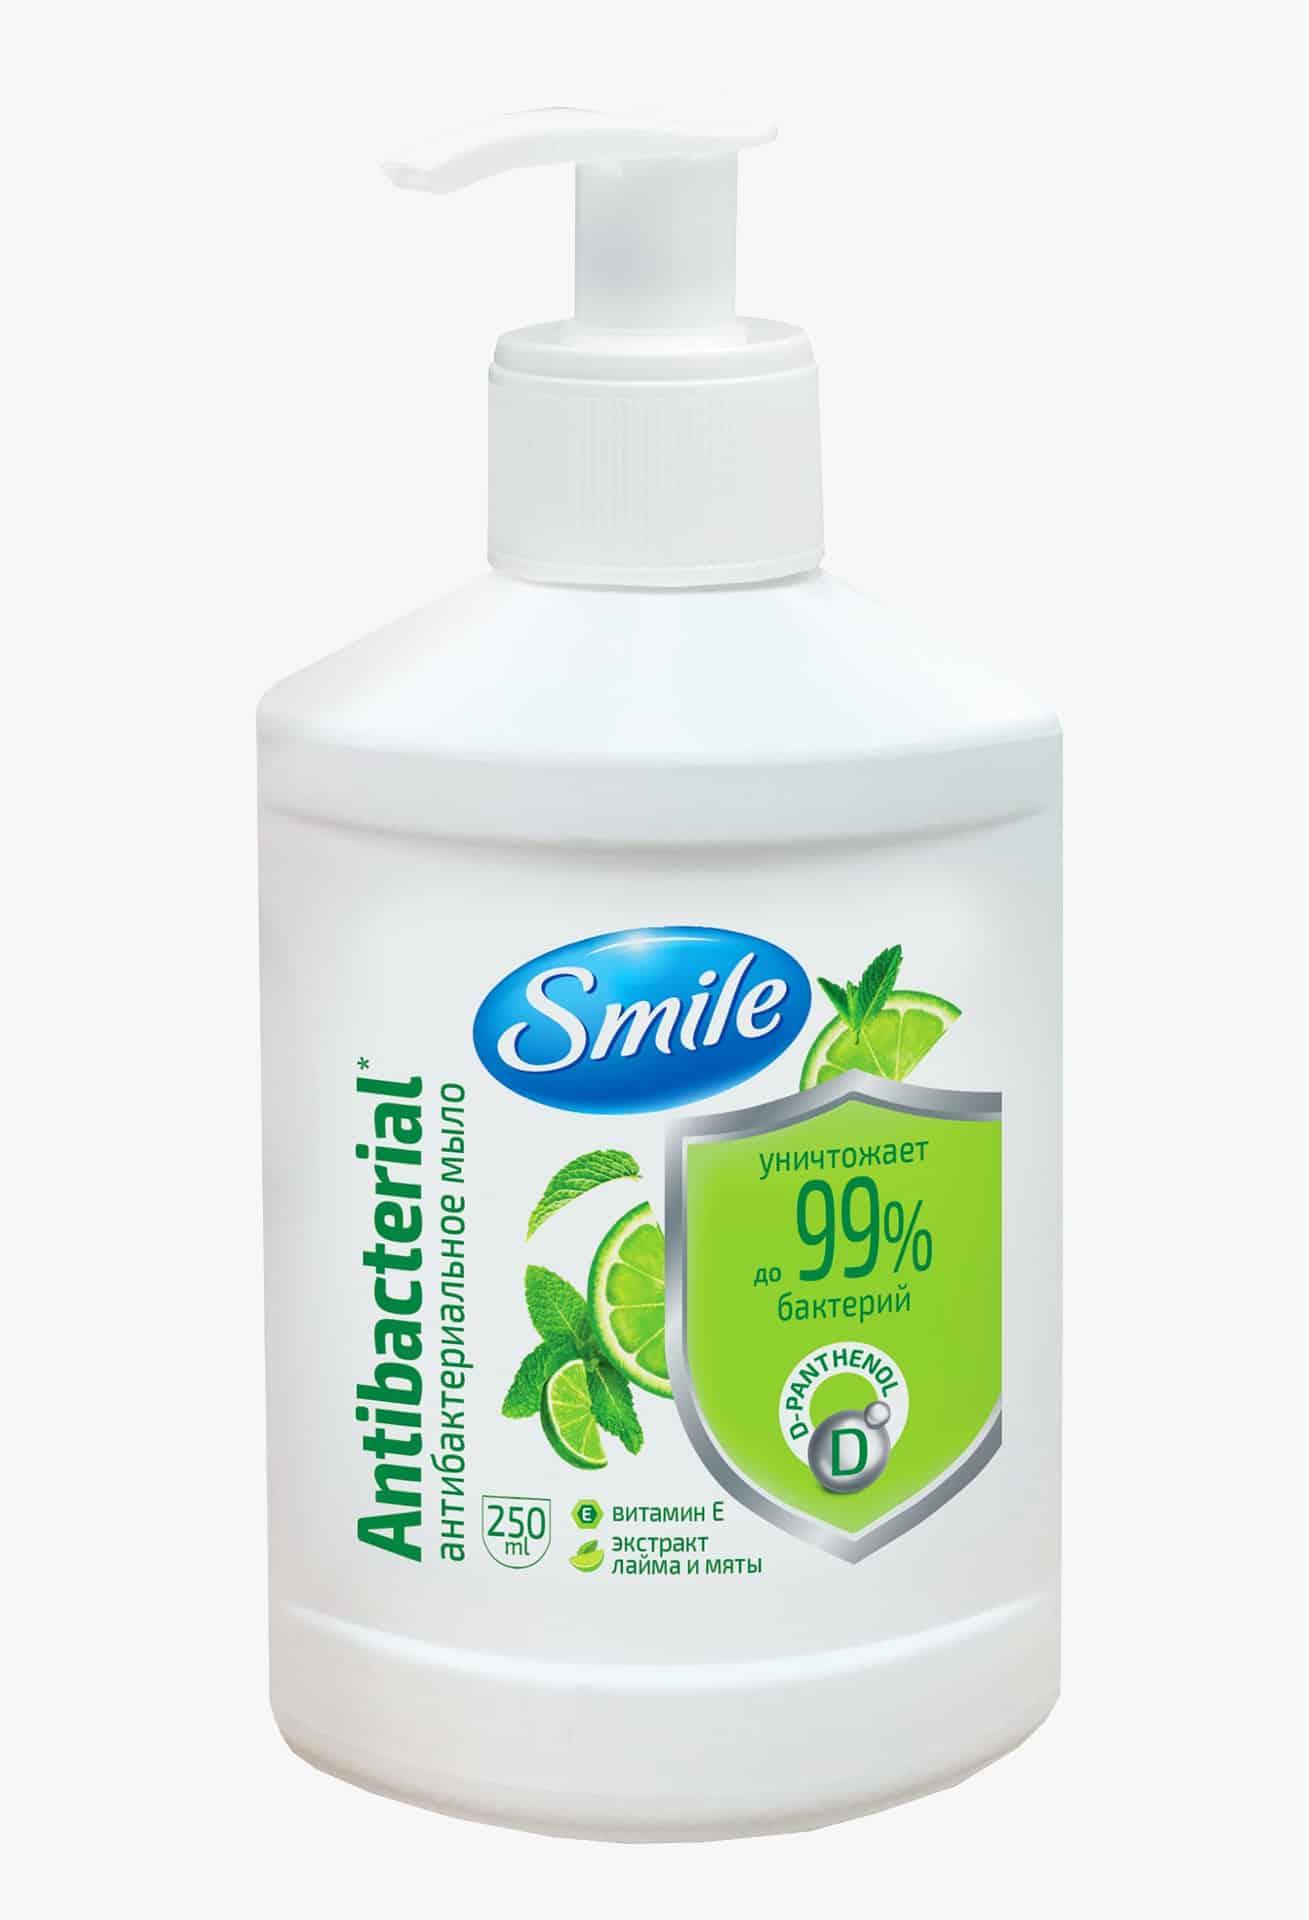 SMILE мило з антибактеріальним ефектом, з екстрактом лайма та м'яти, 250мл